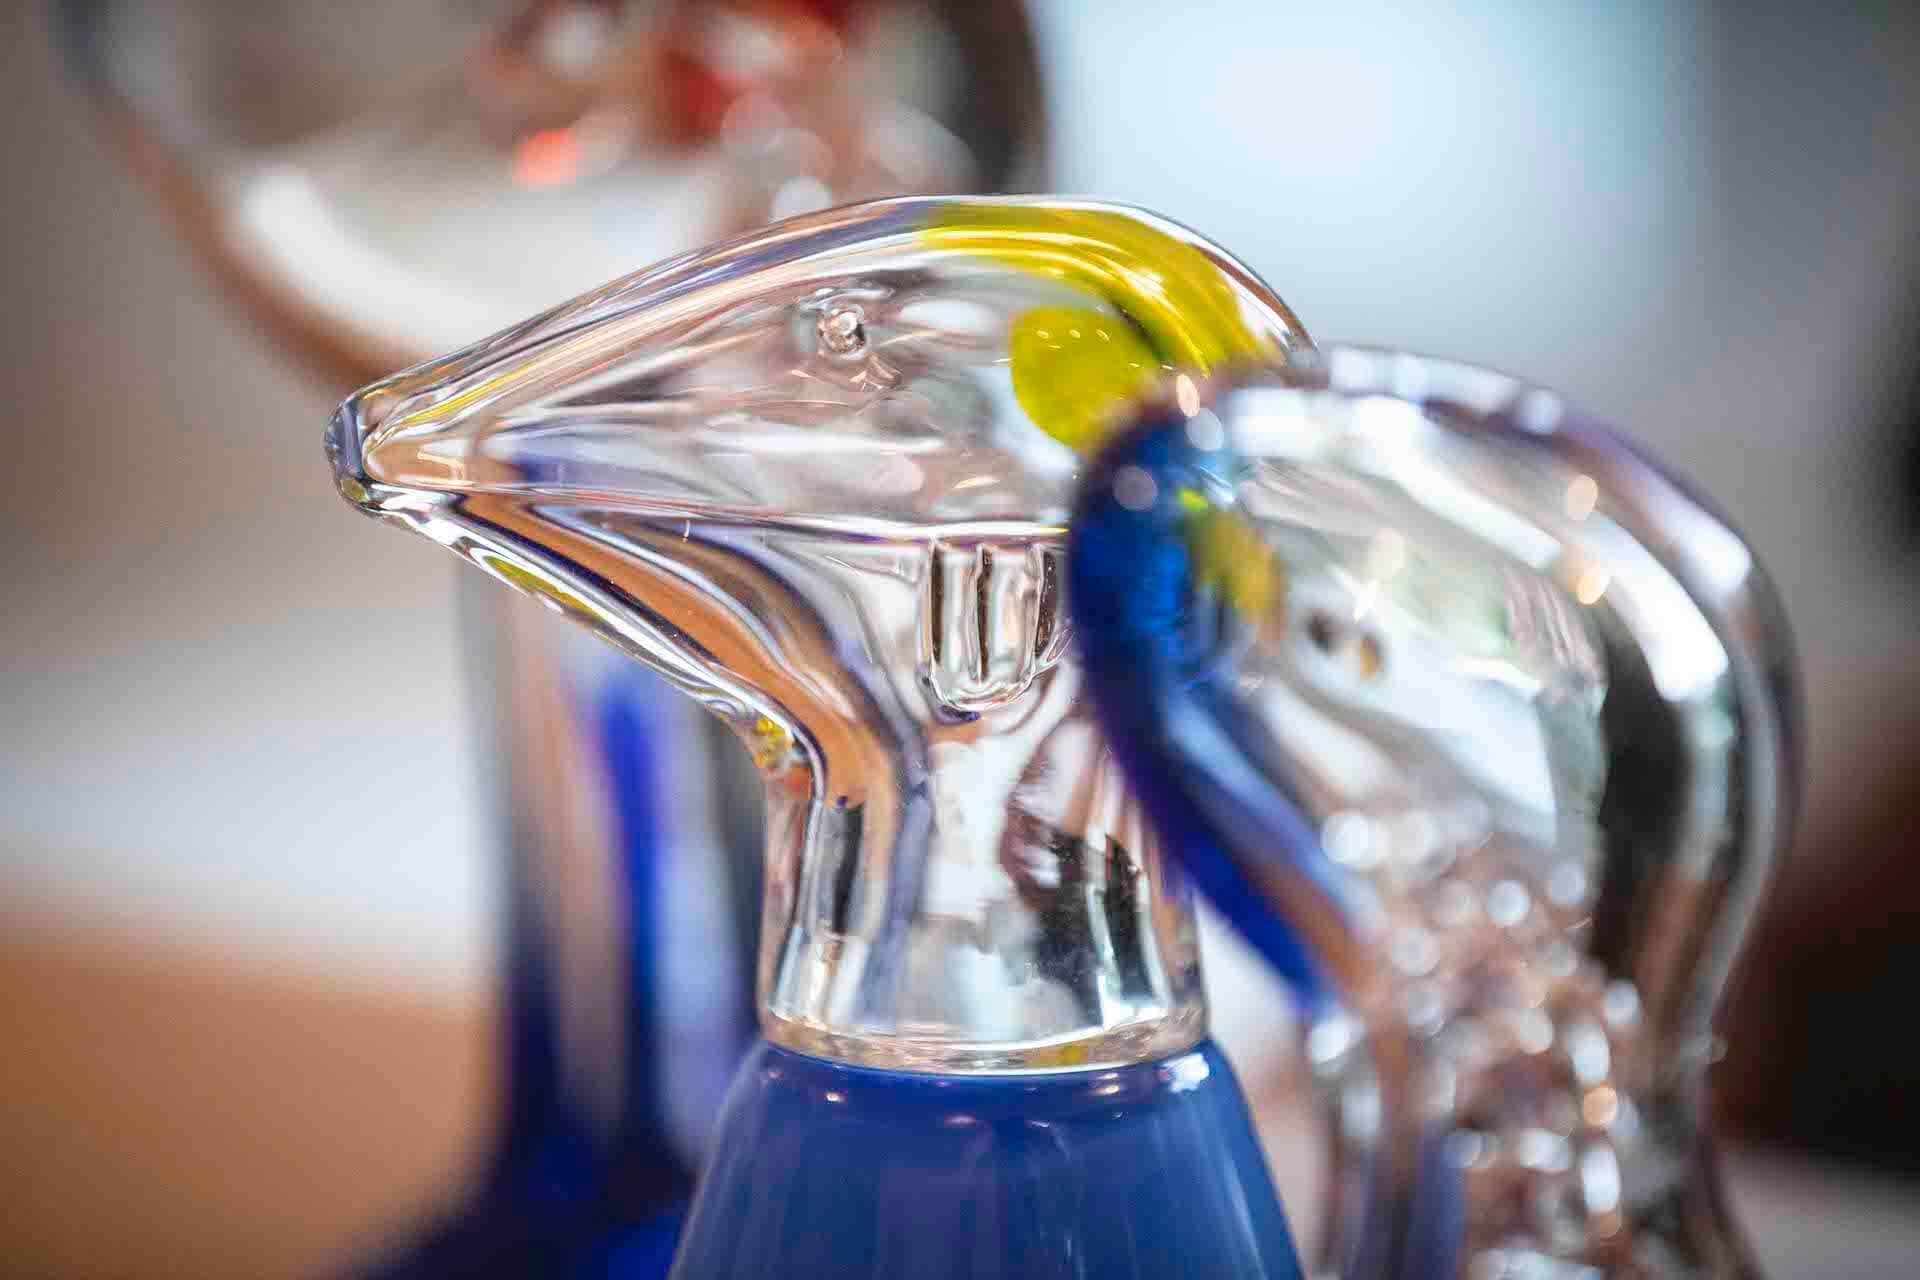 オオクボリュウのガラス作品第2弾『SAPPY COUPLE』が10作品限定で受注生産販売開始! art210423_ookuboryu-210423_3